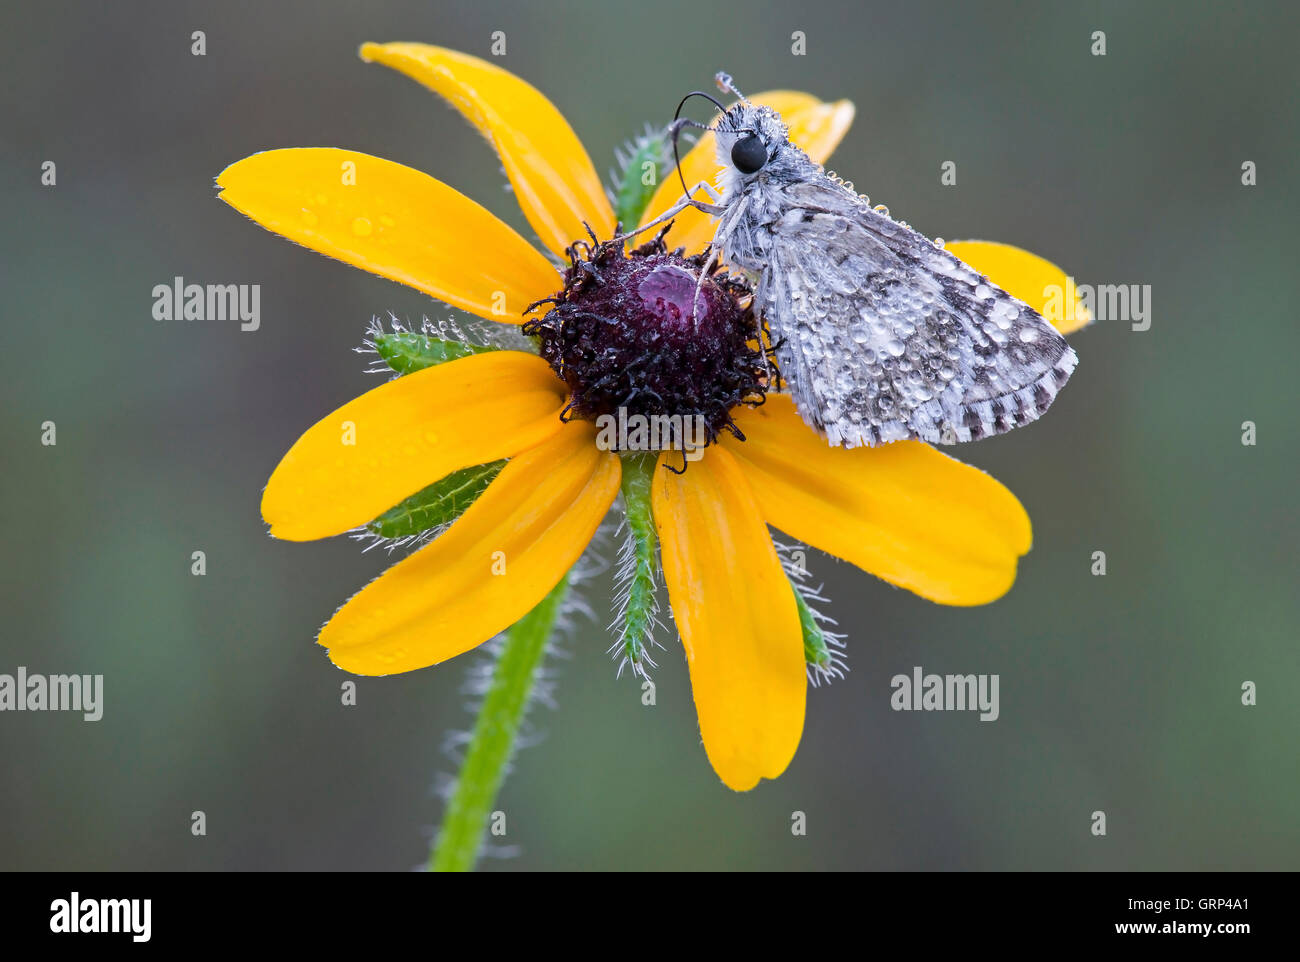 Taufrische gemeinsame Chequered Skipper Schmetterling Schmetterling communis) nectaring, Fütterung auf Black Stockbild